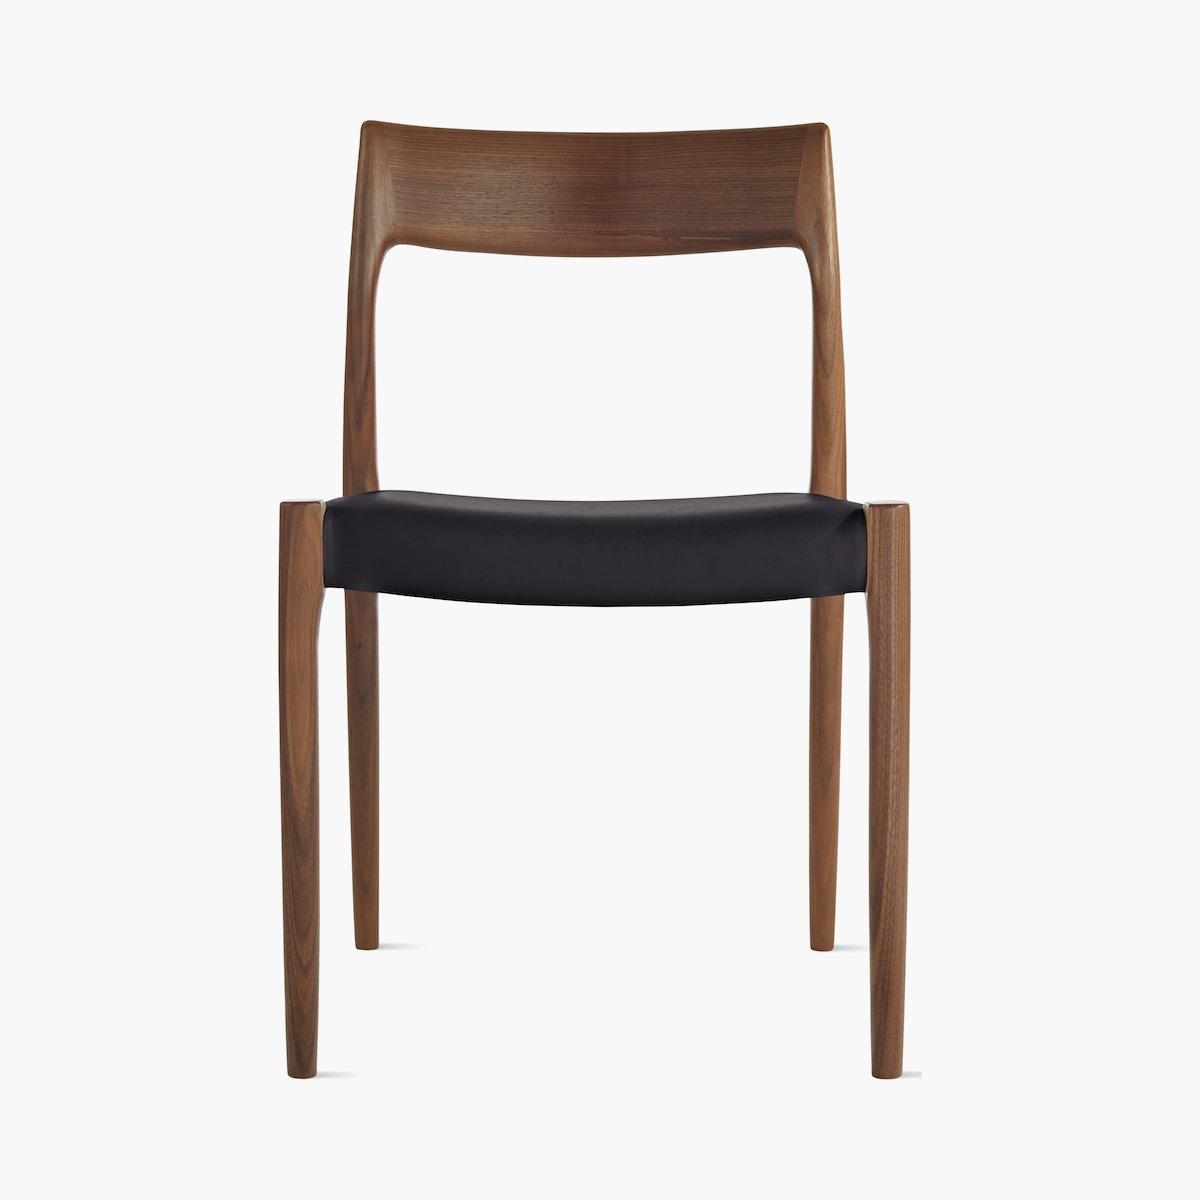 Moller Model 77 Side Chair